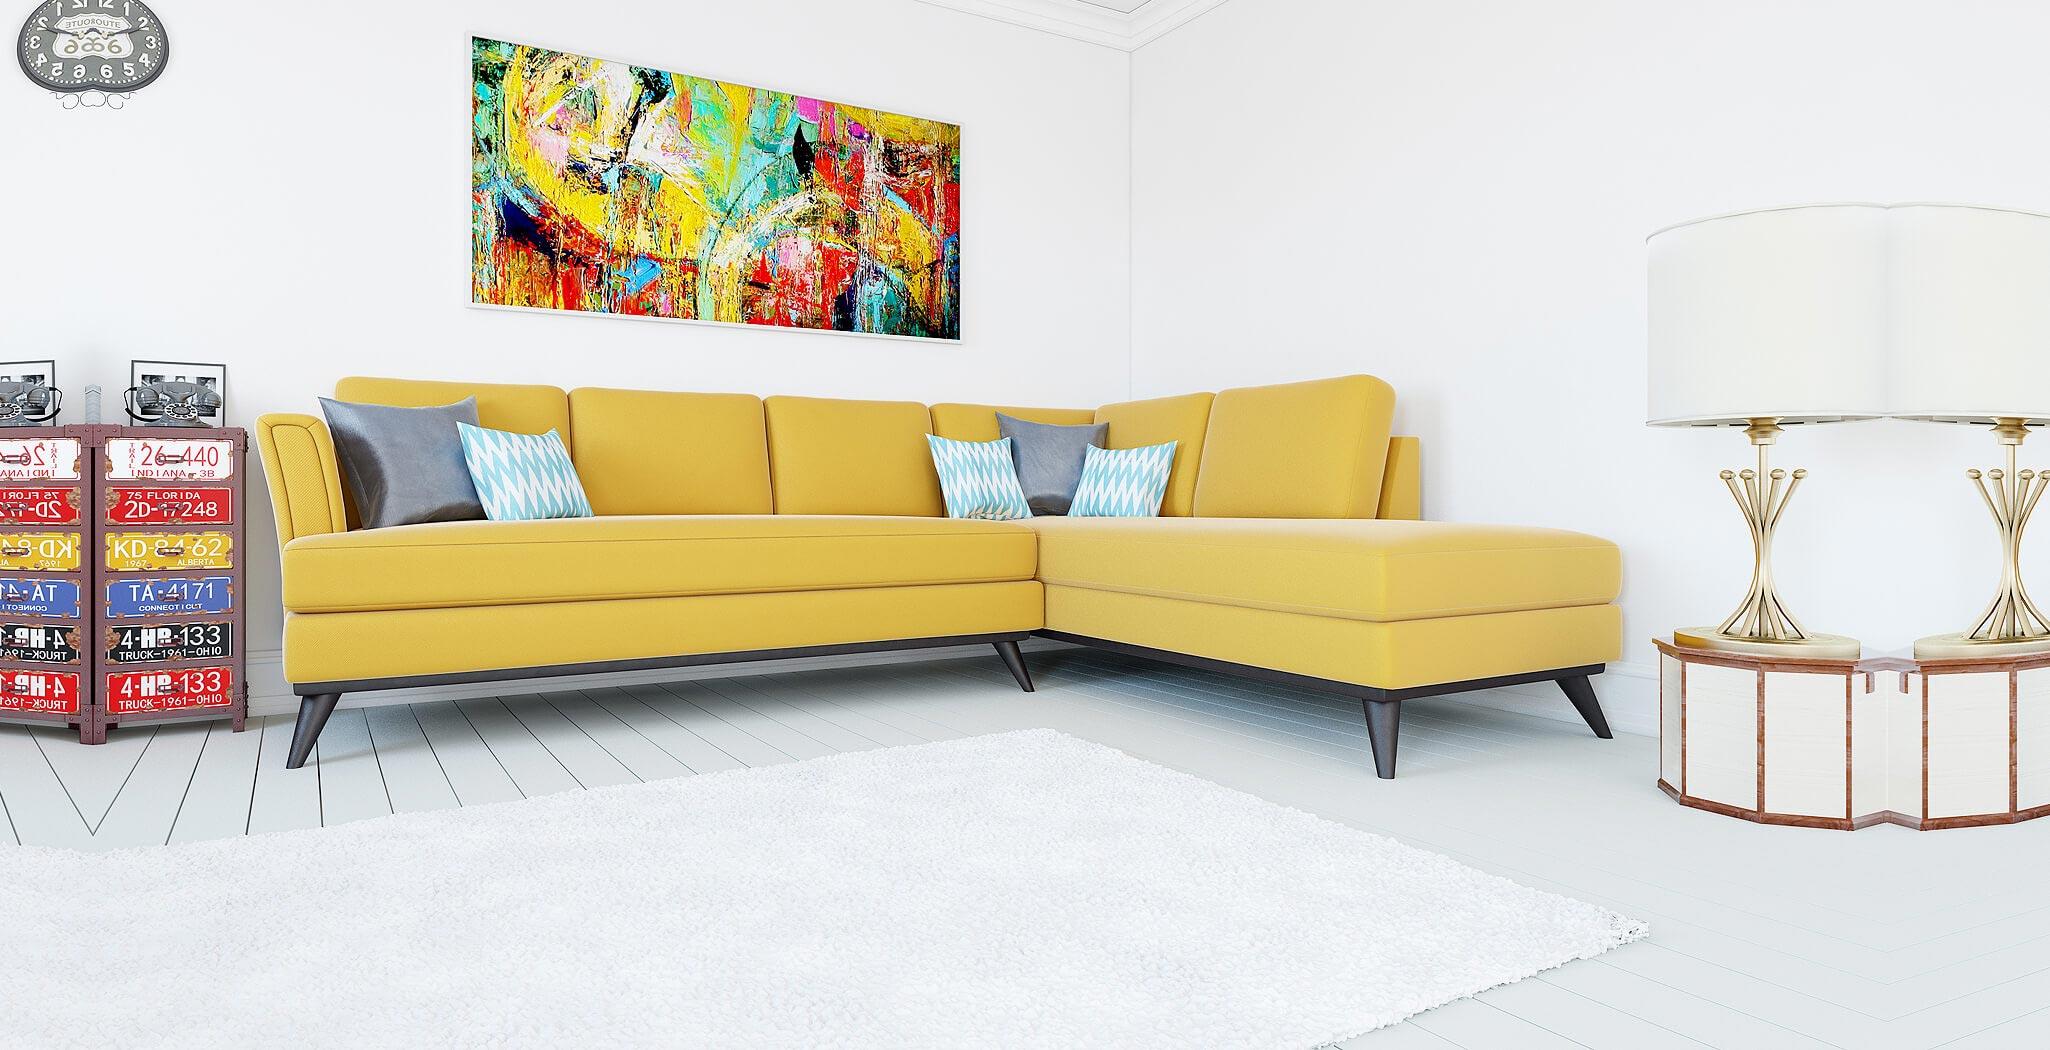 antalya panel furniture gallery 3